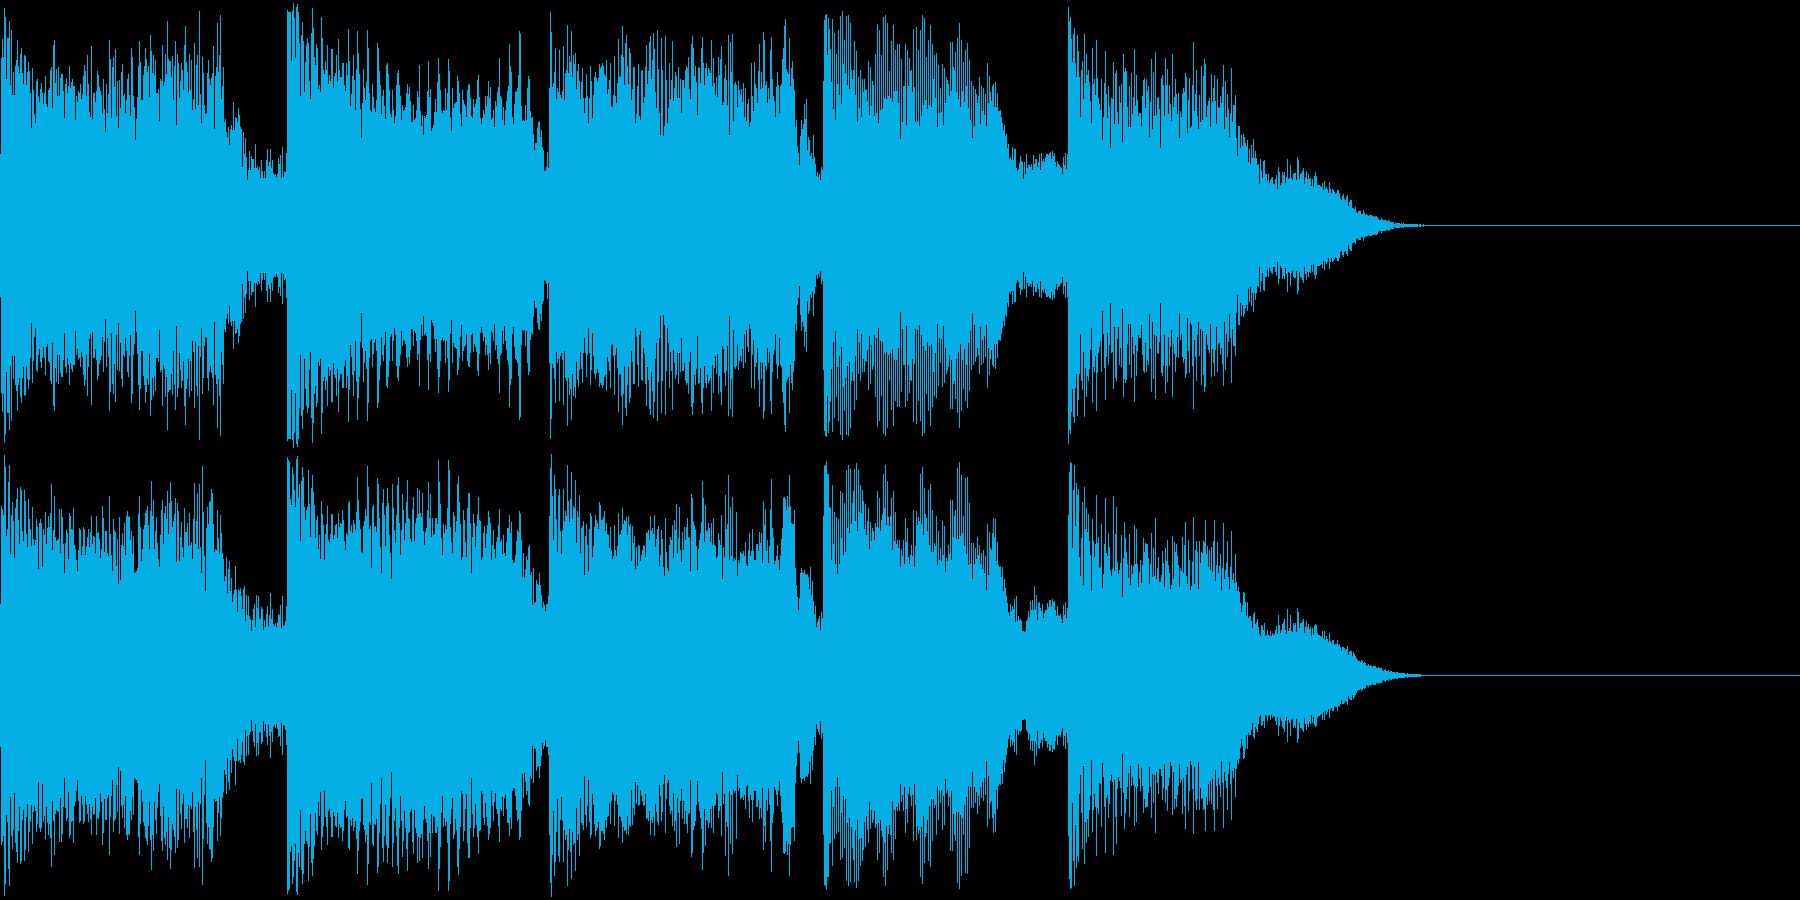 AI メカ/ロボ/マシン動作音 42の再生済みの波形